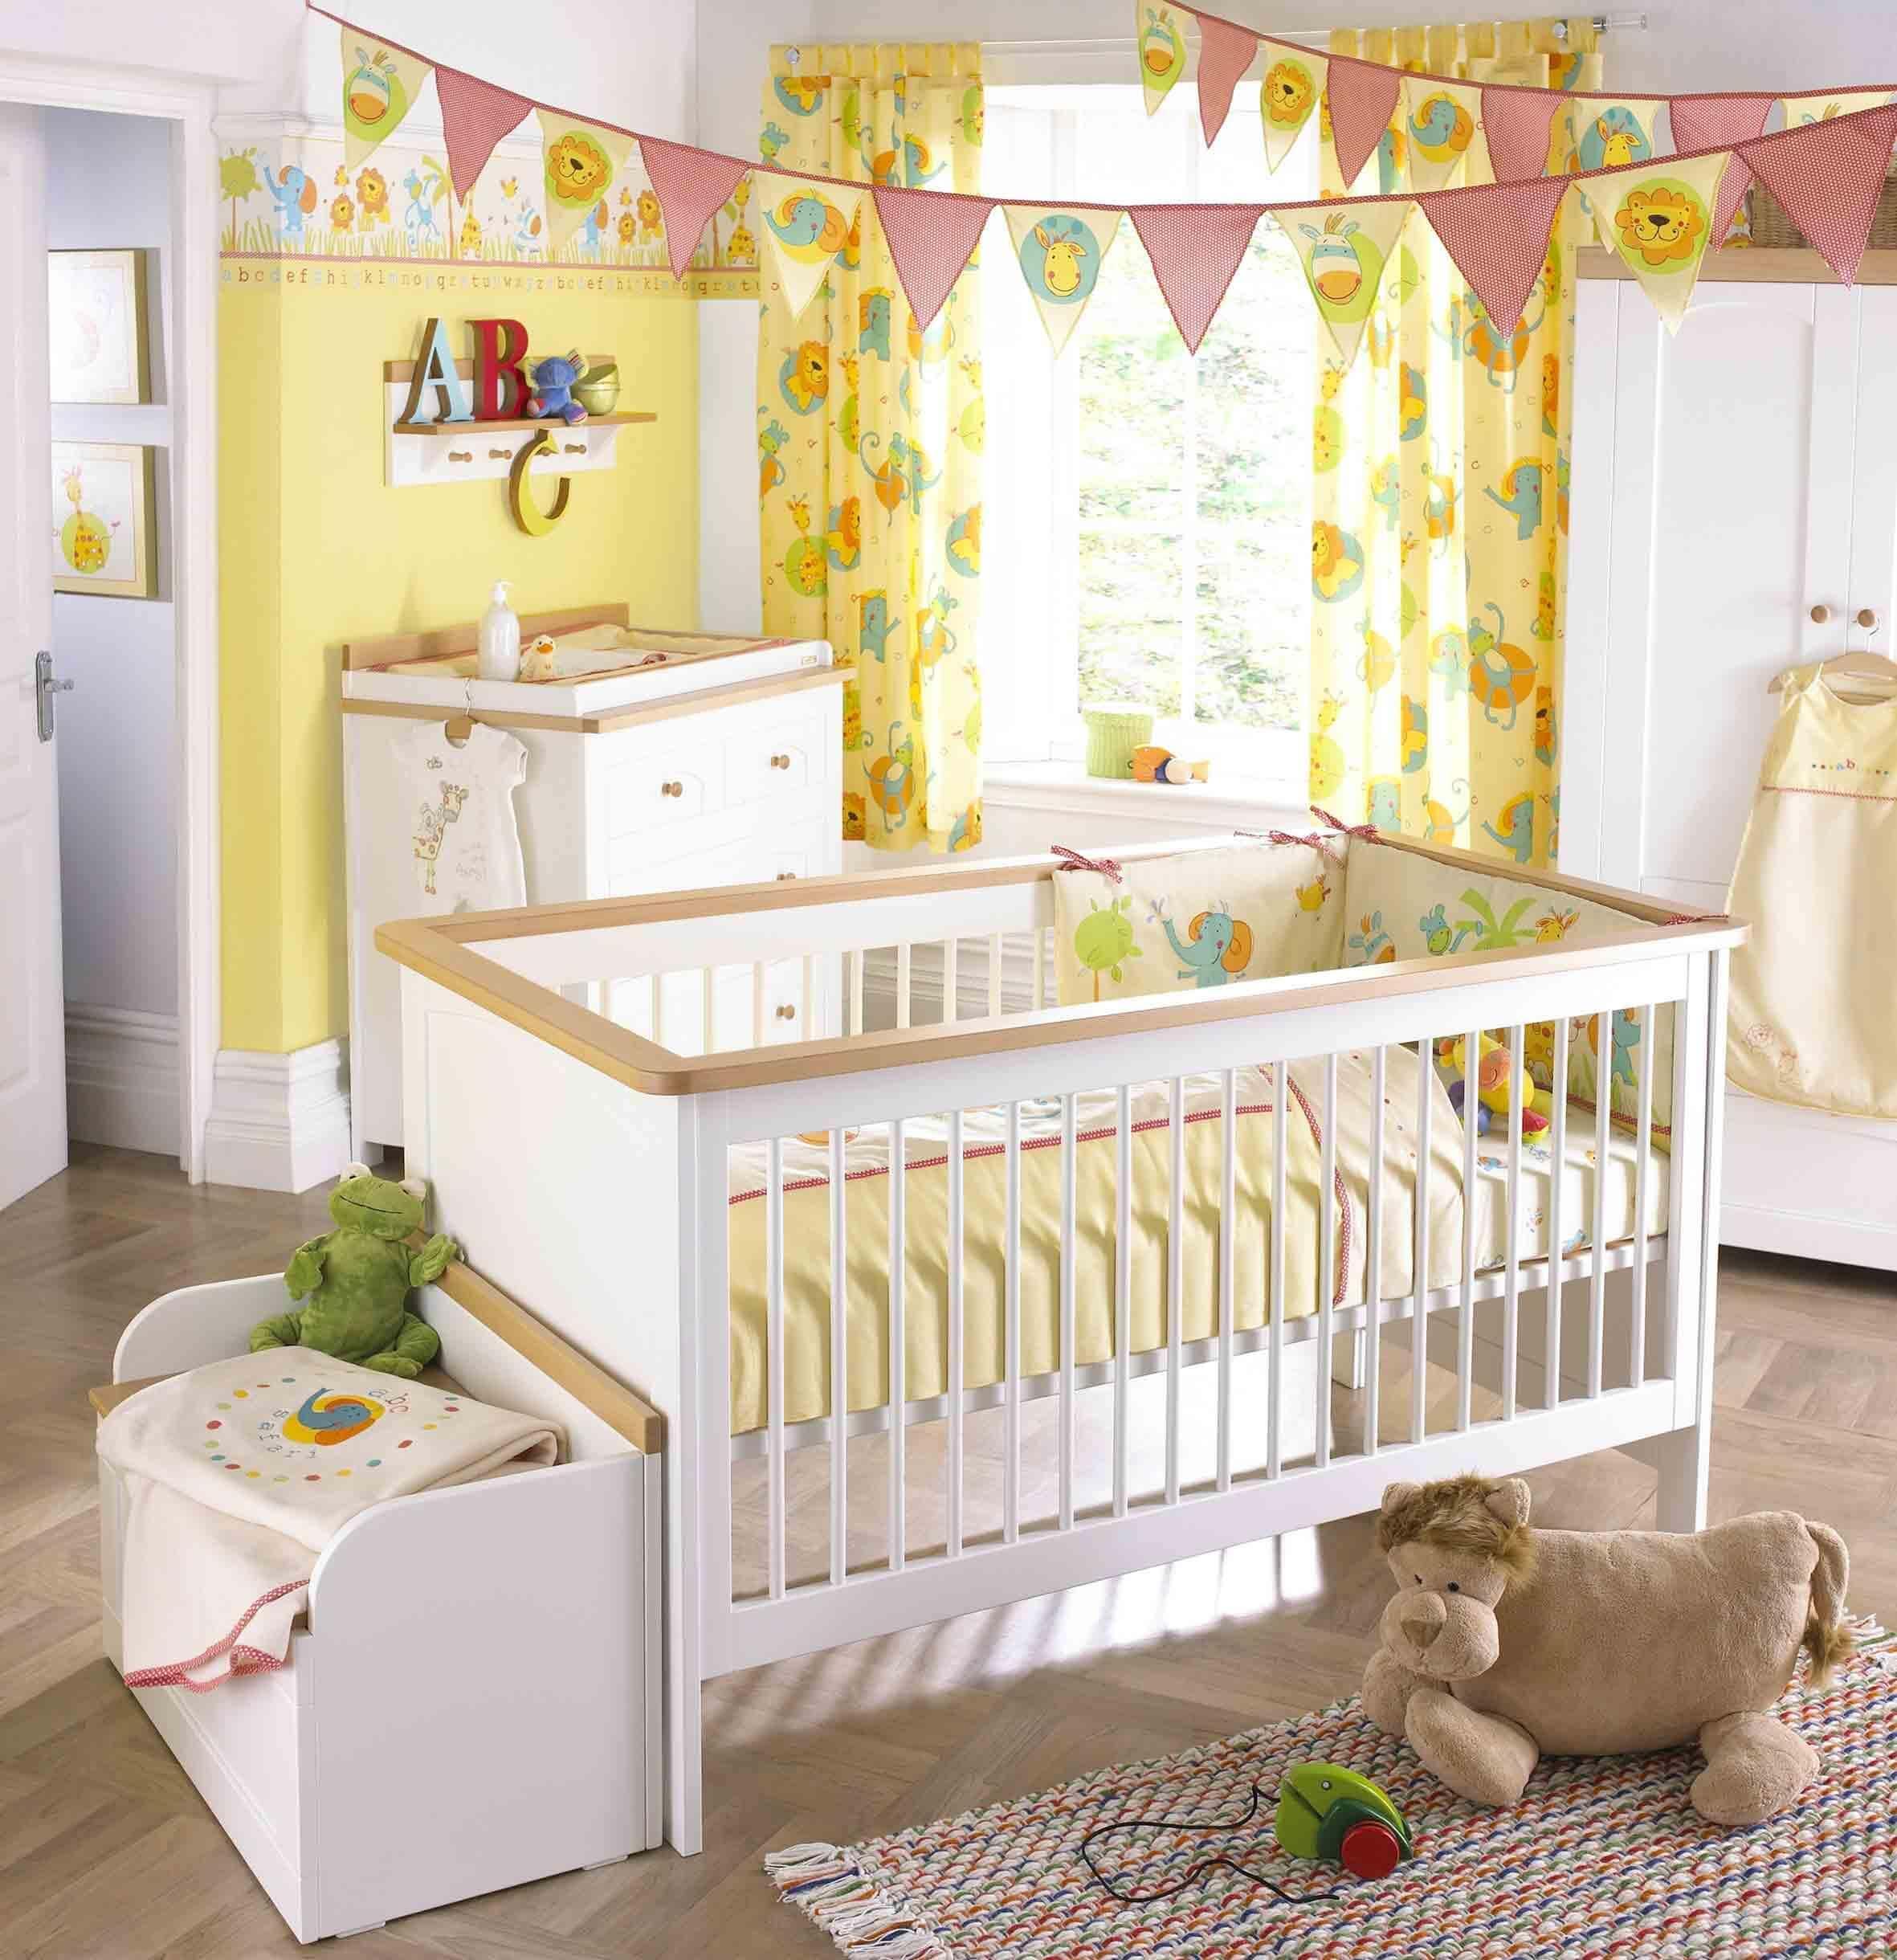 Дизайн детской комнаты для новорожденного: 75 фото оформления